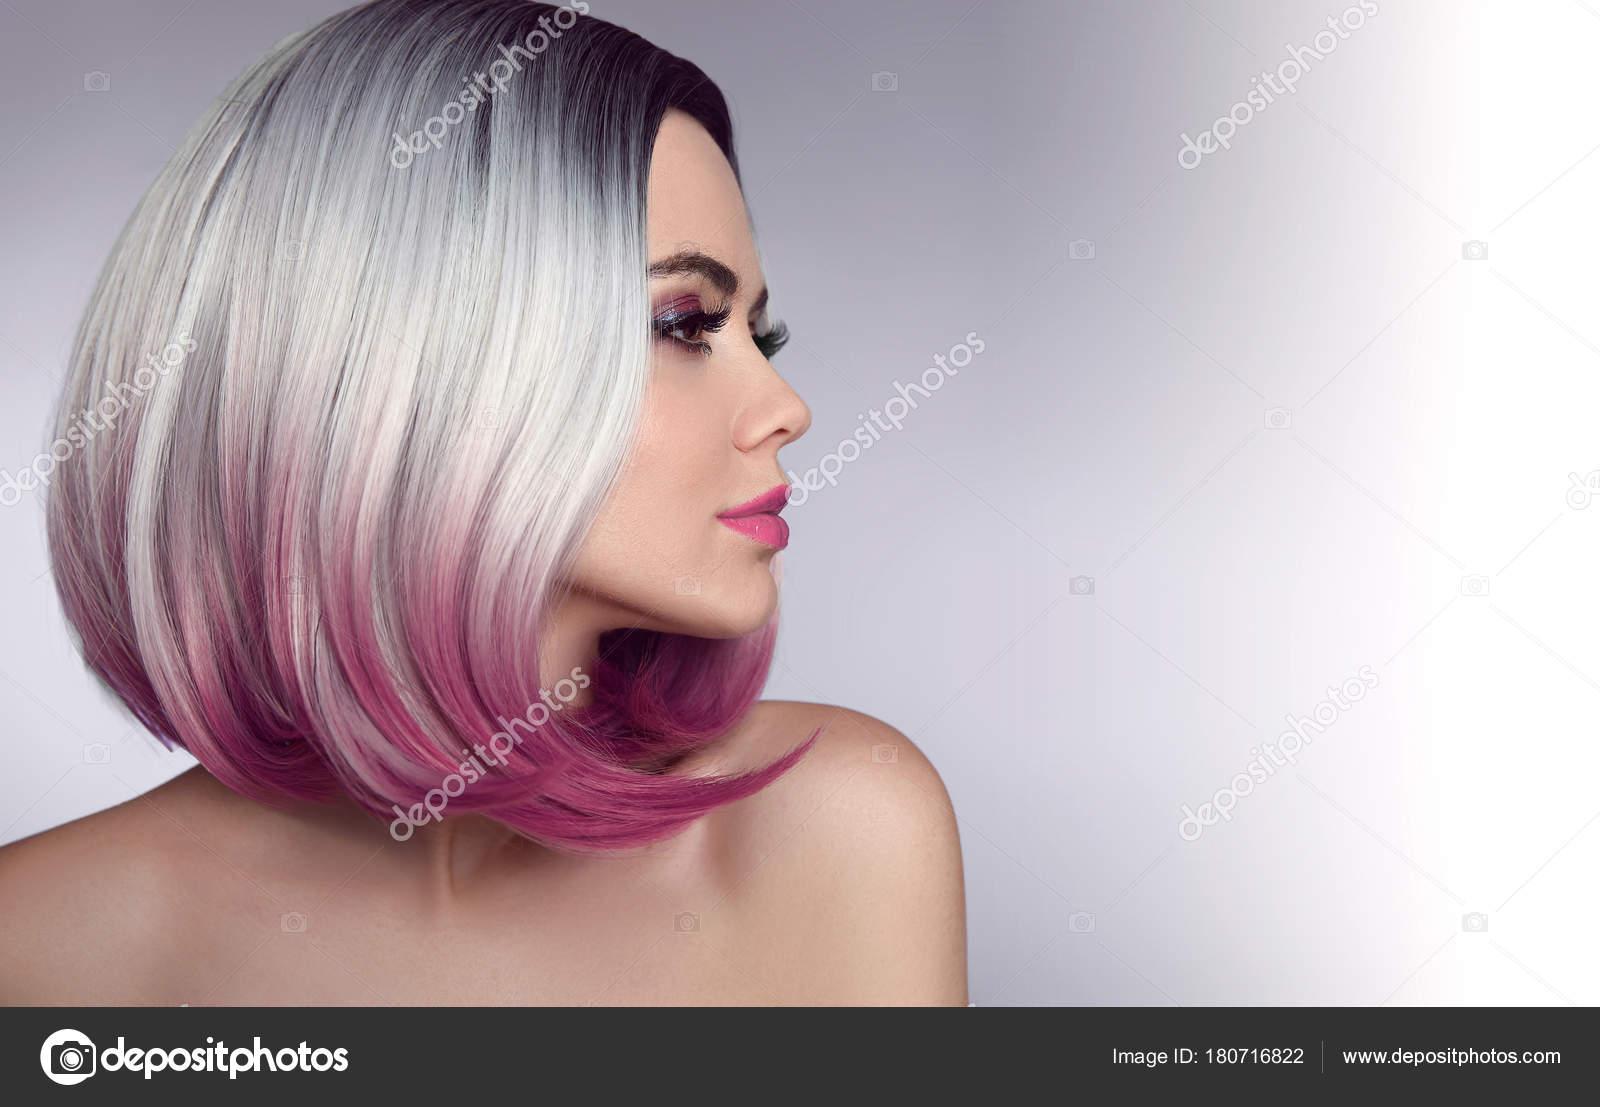 Ombre Fryzurę Krótki Bob Kolorowanka Piękne Włosy Kobieta Modny